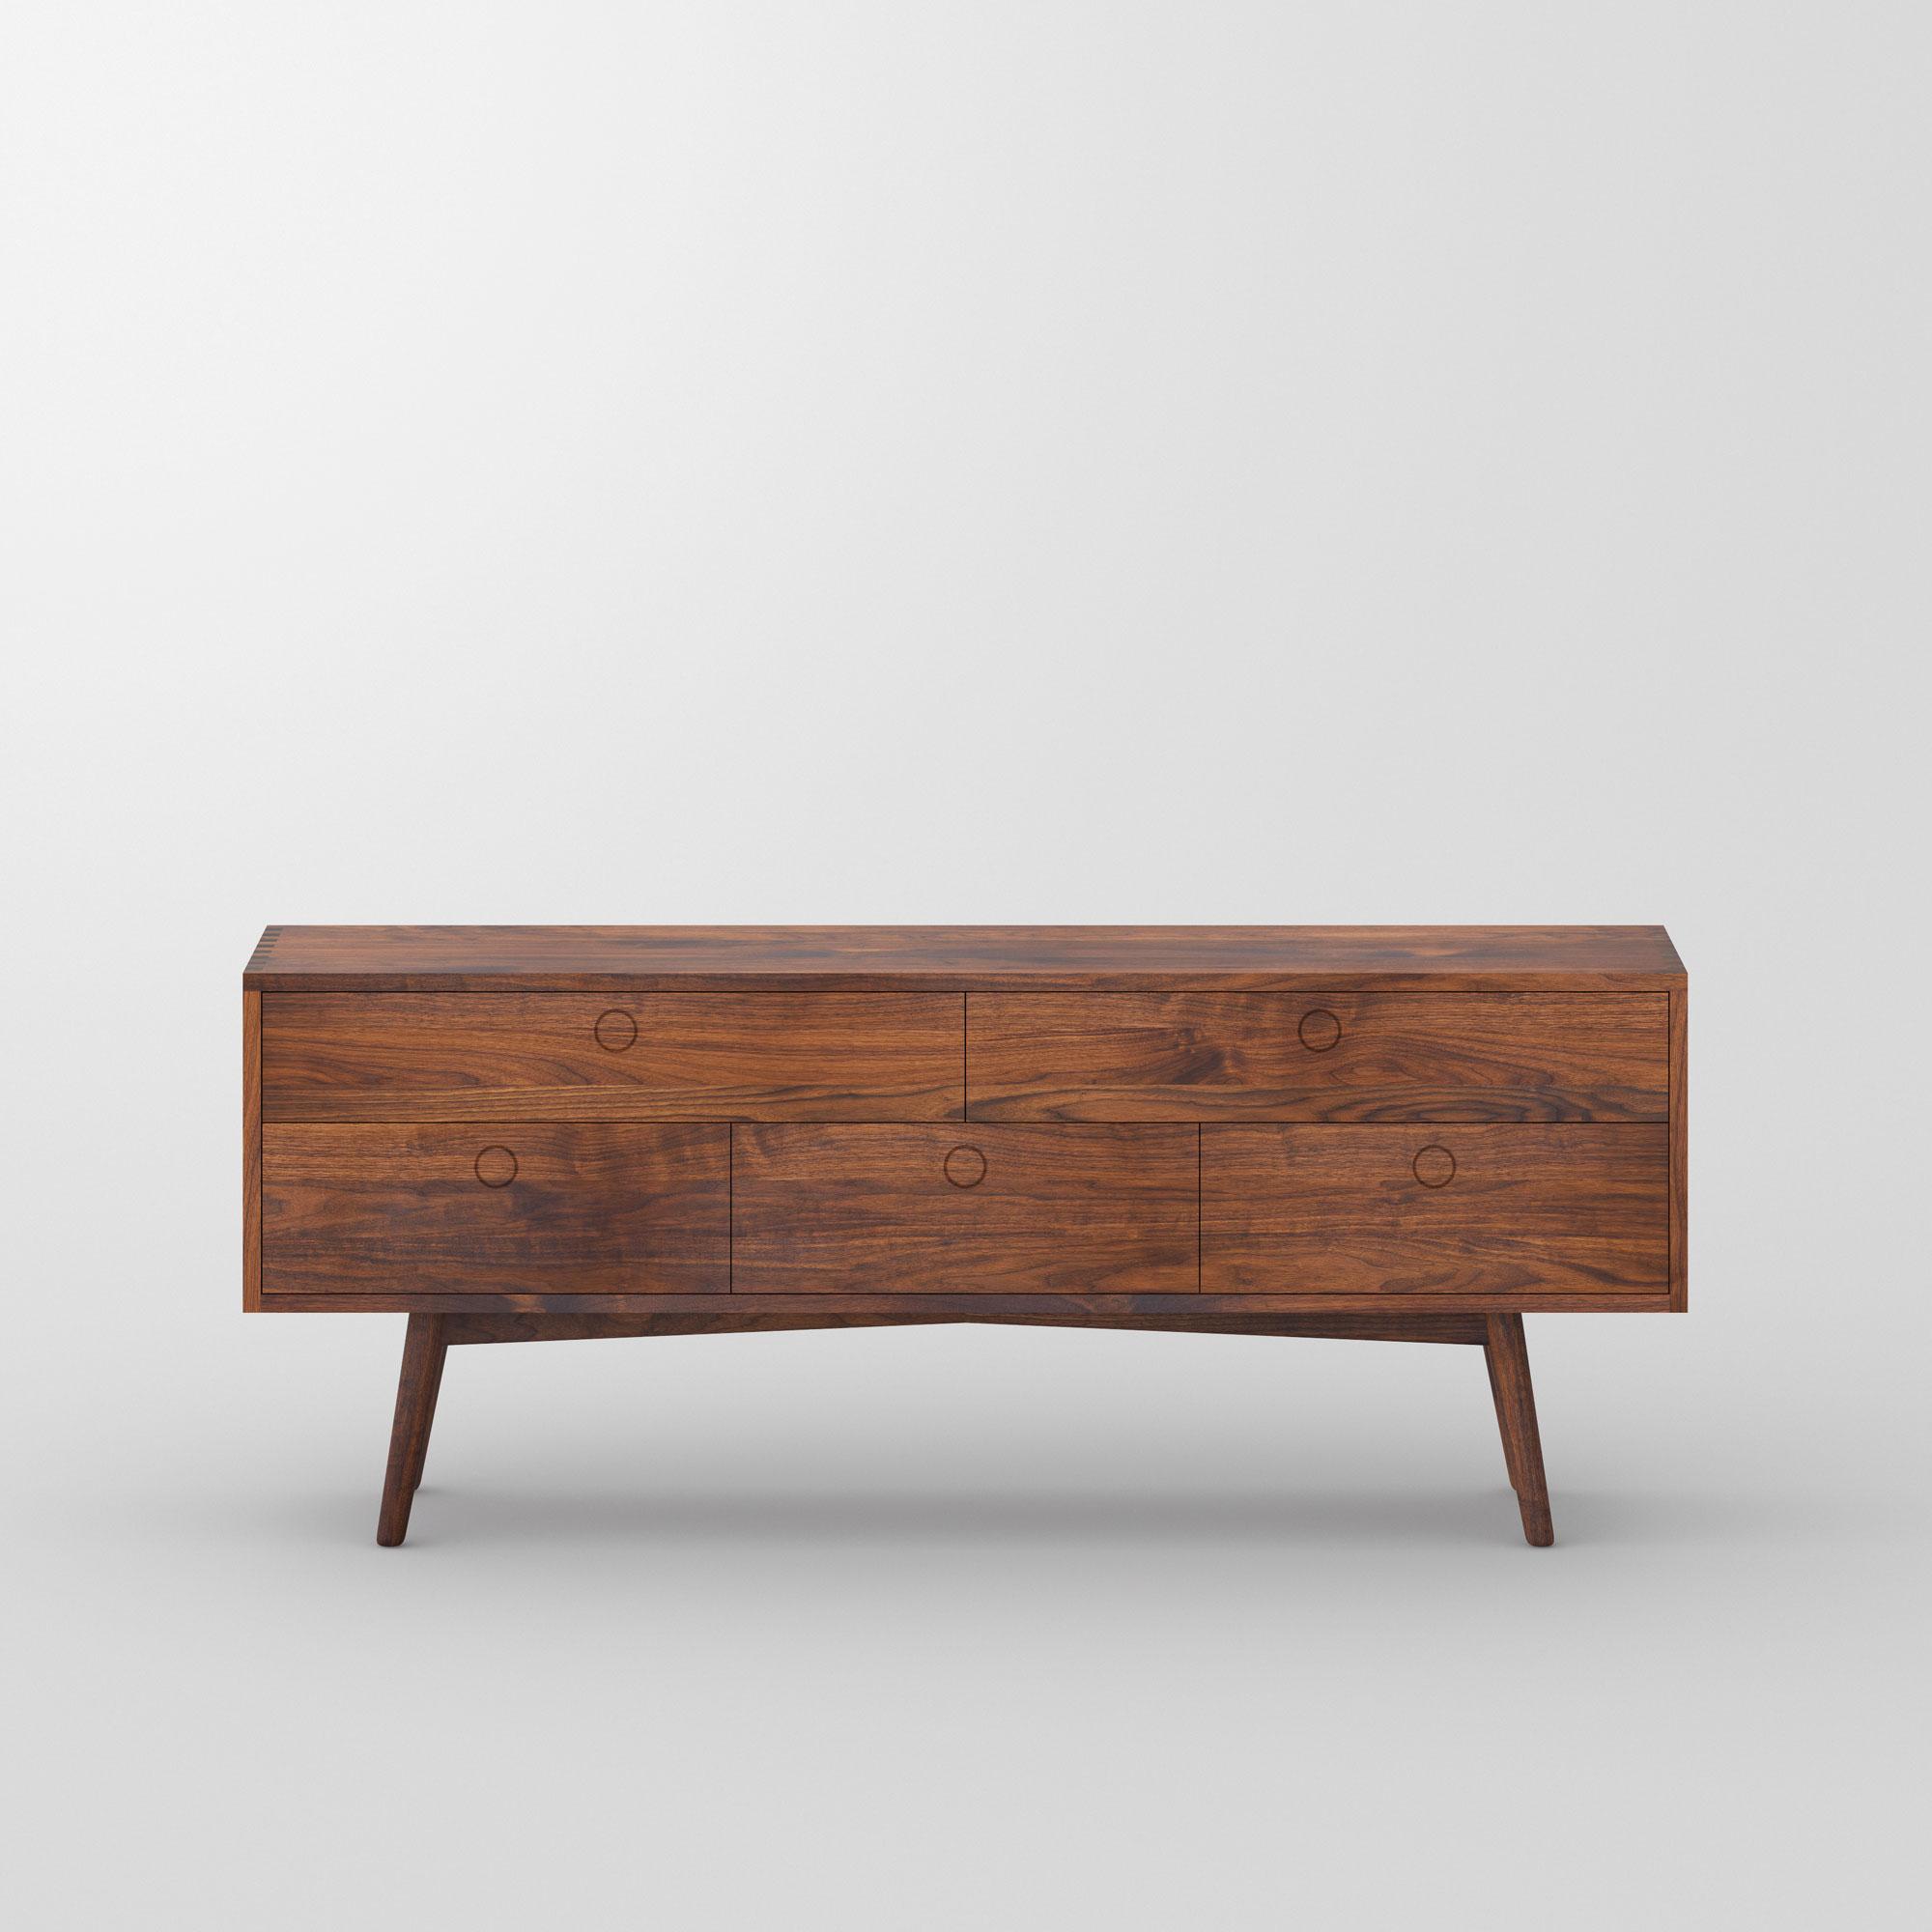 Holz Designerkommode AMBIO Maßgefertigt aus Massivholz von vitamin design